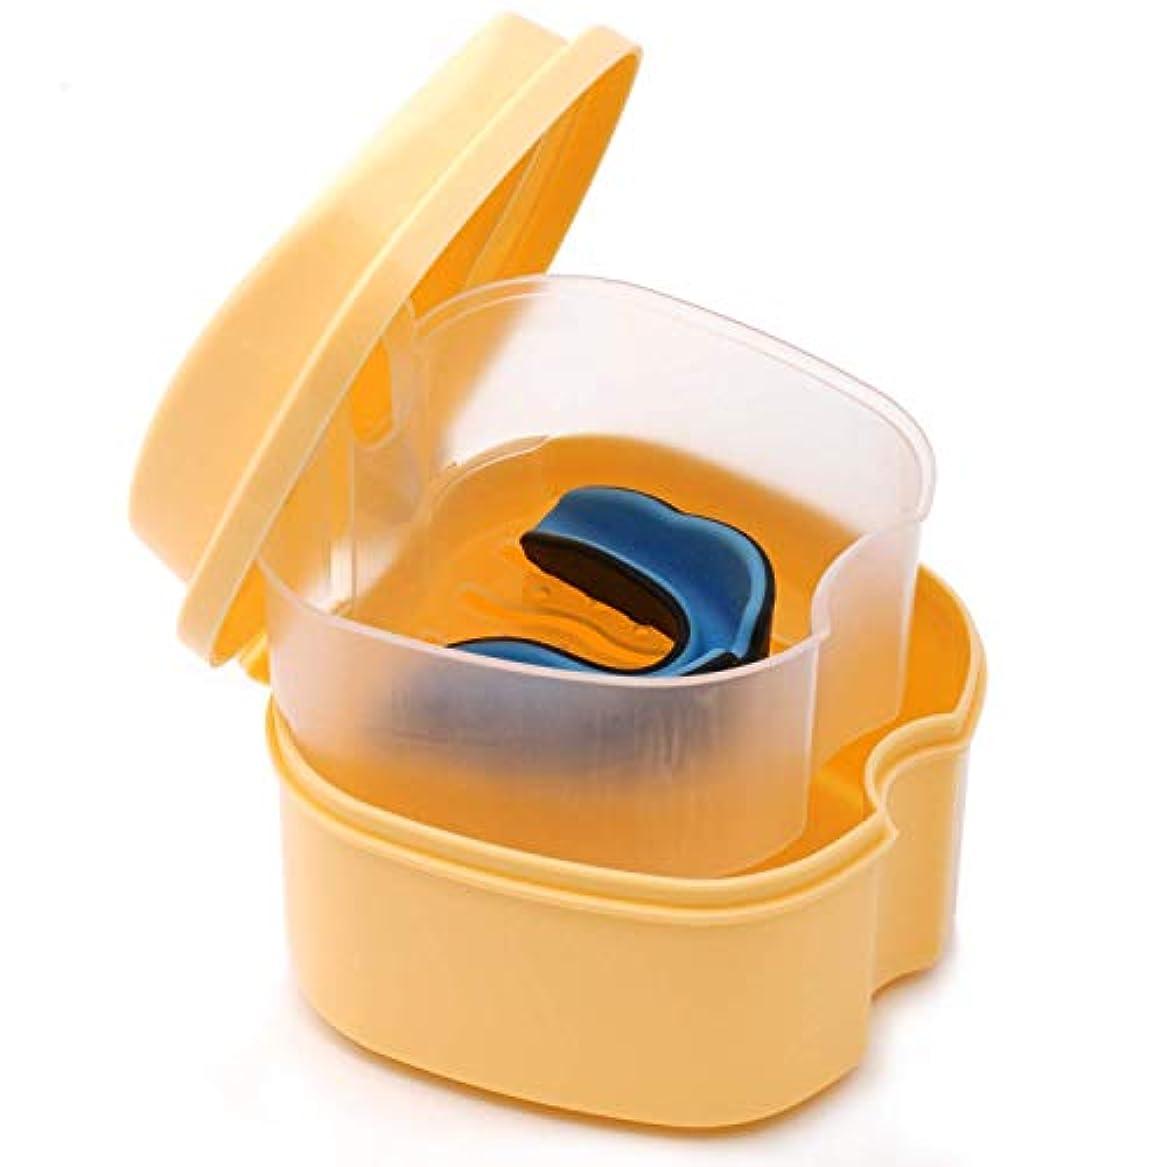 ローマ人船形酔ってCoiTek 入れ歯ケース 義歯ケース 携帯 家庭旅行用 ストレーナー付き オレンジ